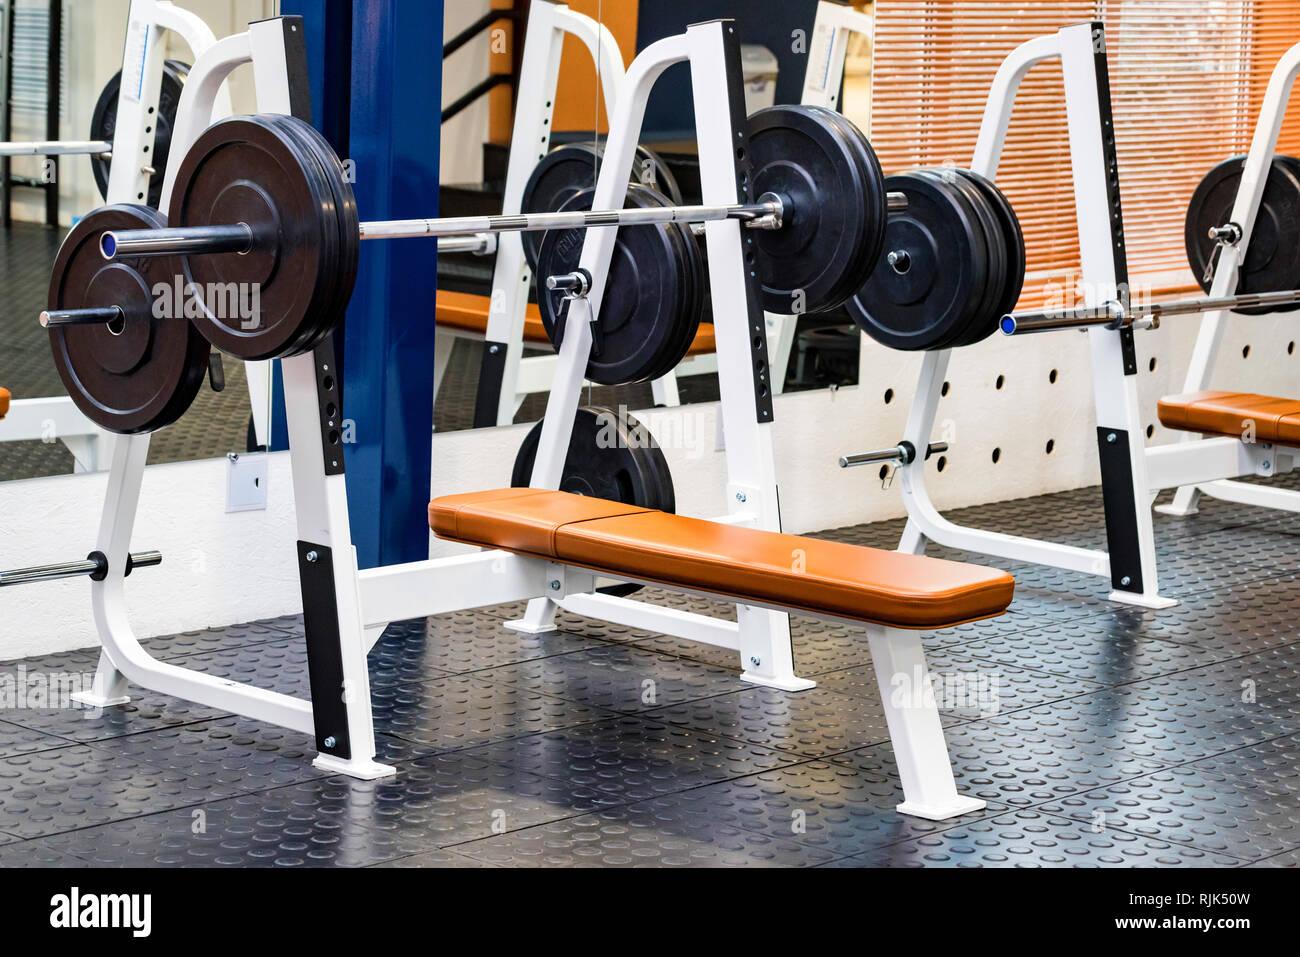 Banc vide appuyez sur machine d'exercice dans la salle de sport moderne Photo Stock